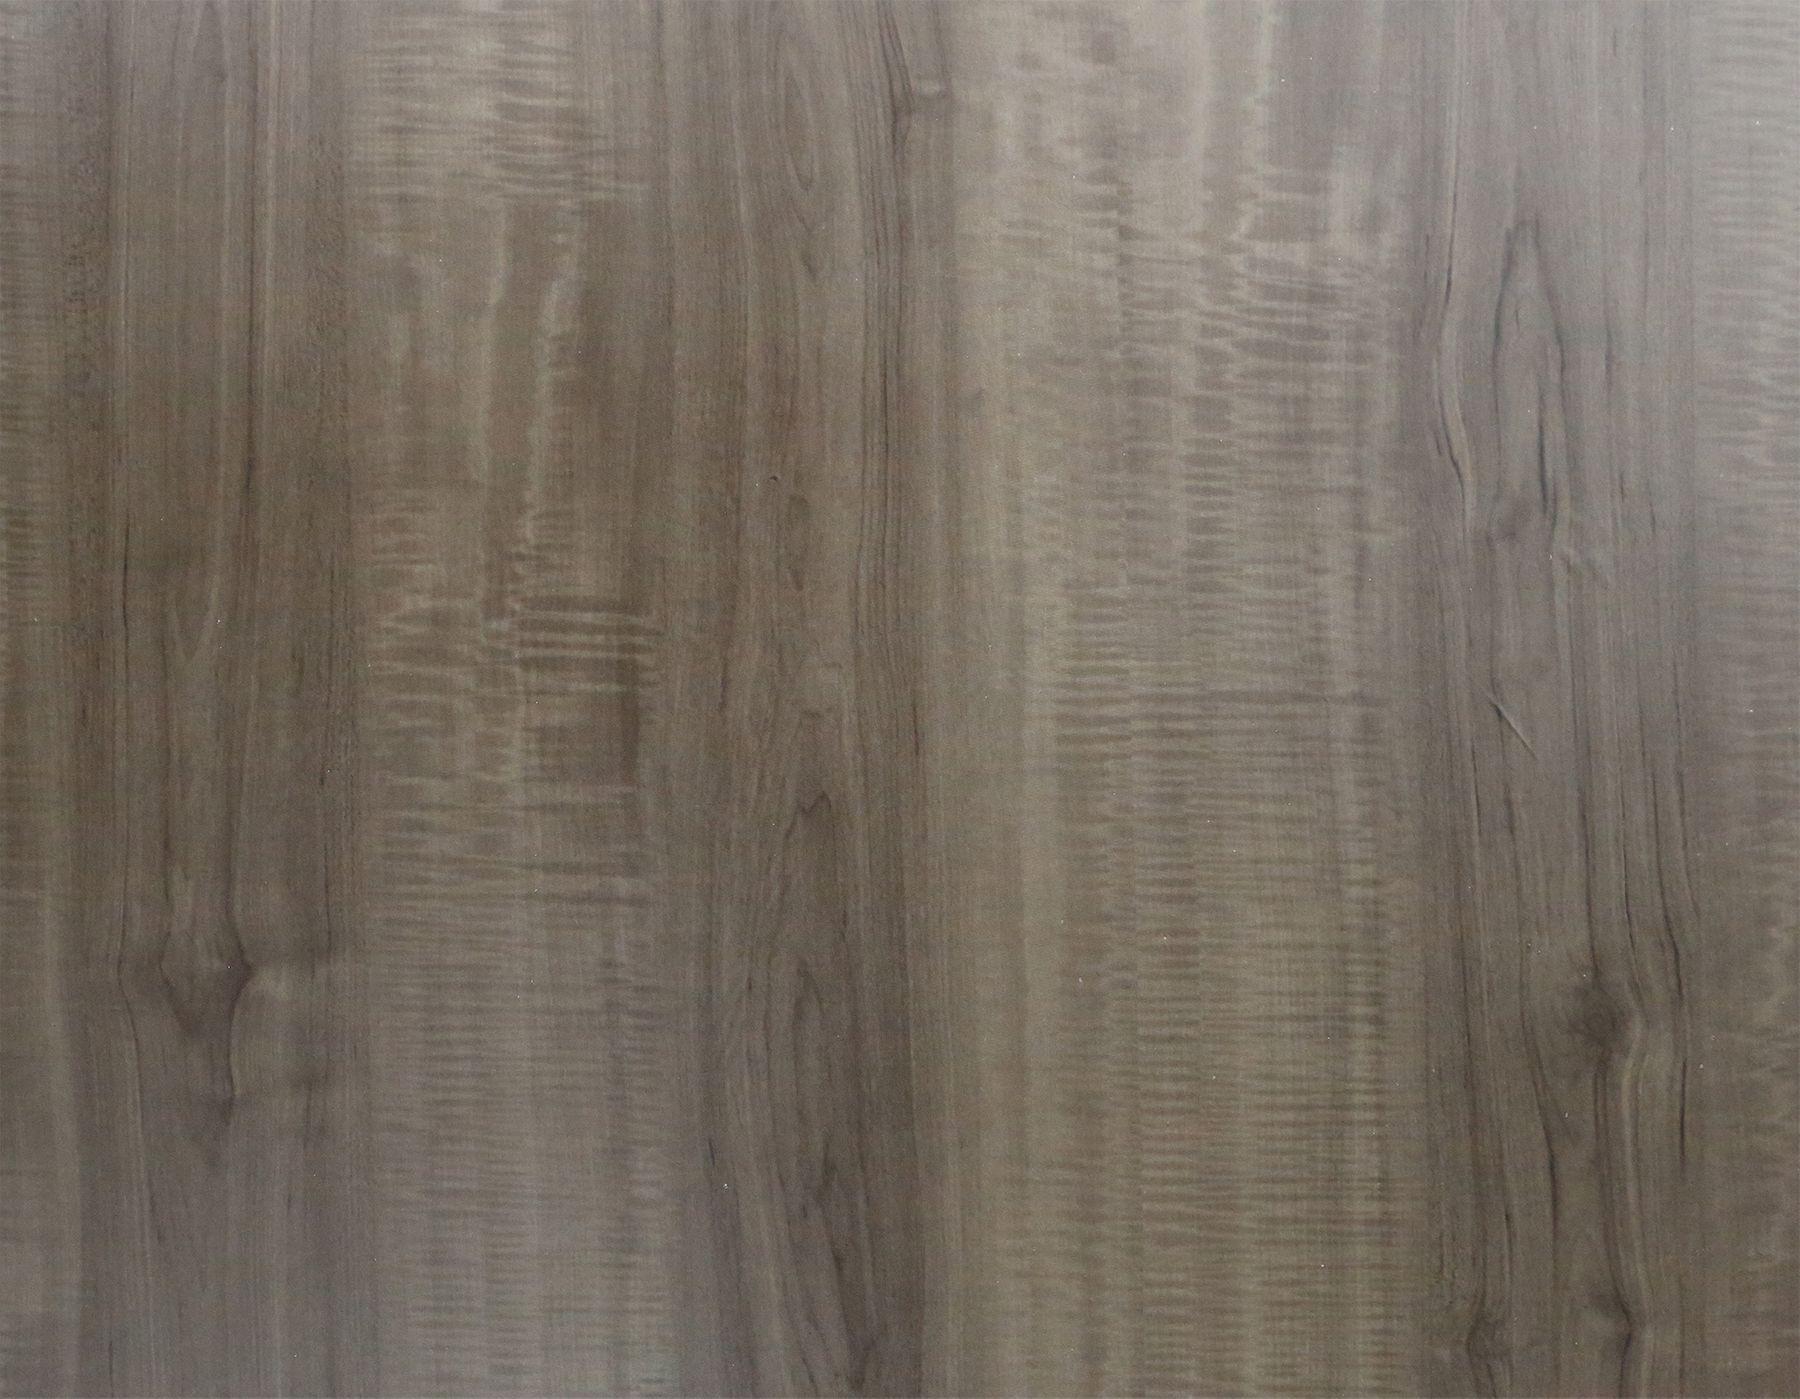 Full Size of Küchenrückwand Holz Eiche Klebefolie Dekorfolie Holzdekor Struktur Grau 45x200 Cm Regal Wildeiche Fenster Alu Bett Sonoma 140x200 Massiv 180x200 Küche Hell Wohnzimmer Küchenrückwand Holz Eiche